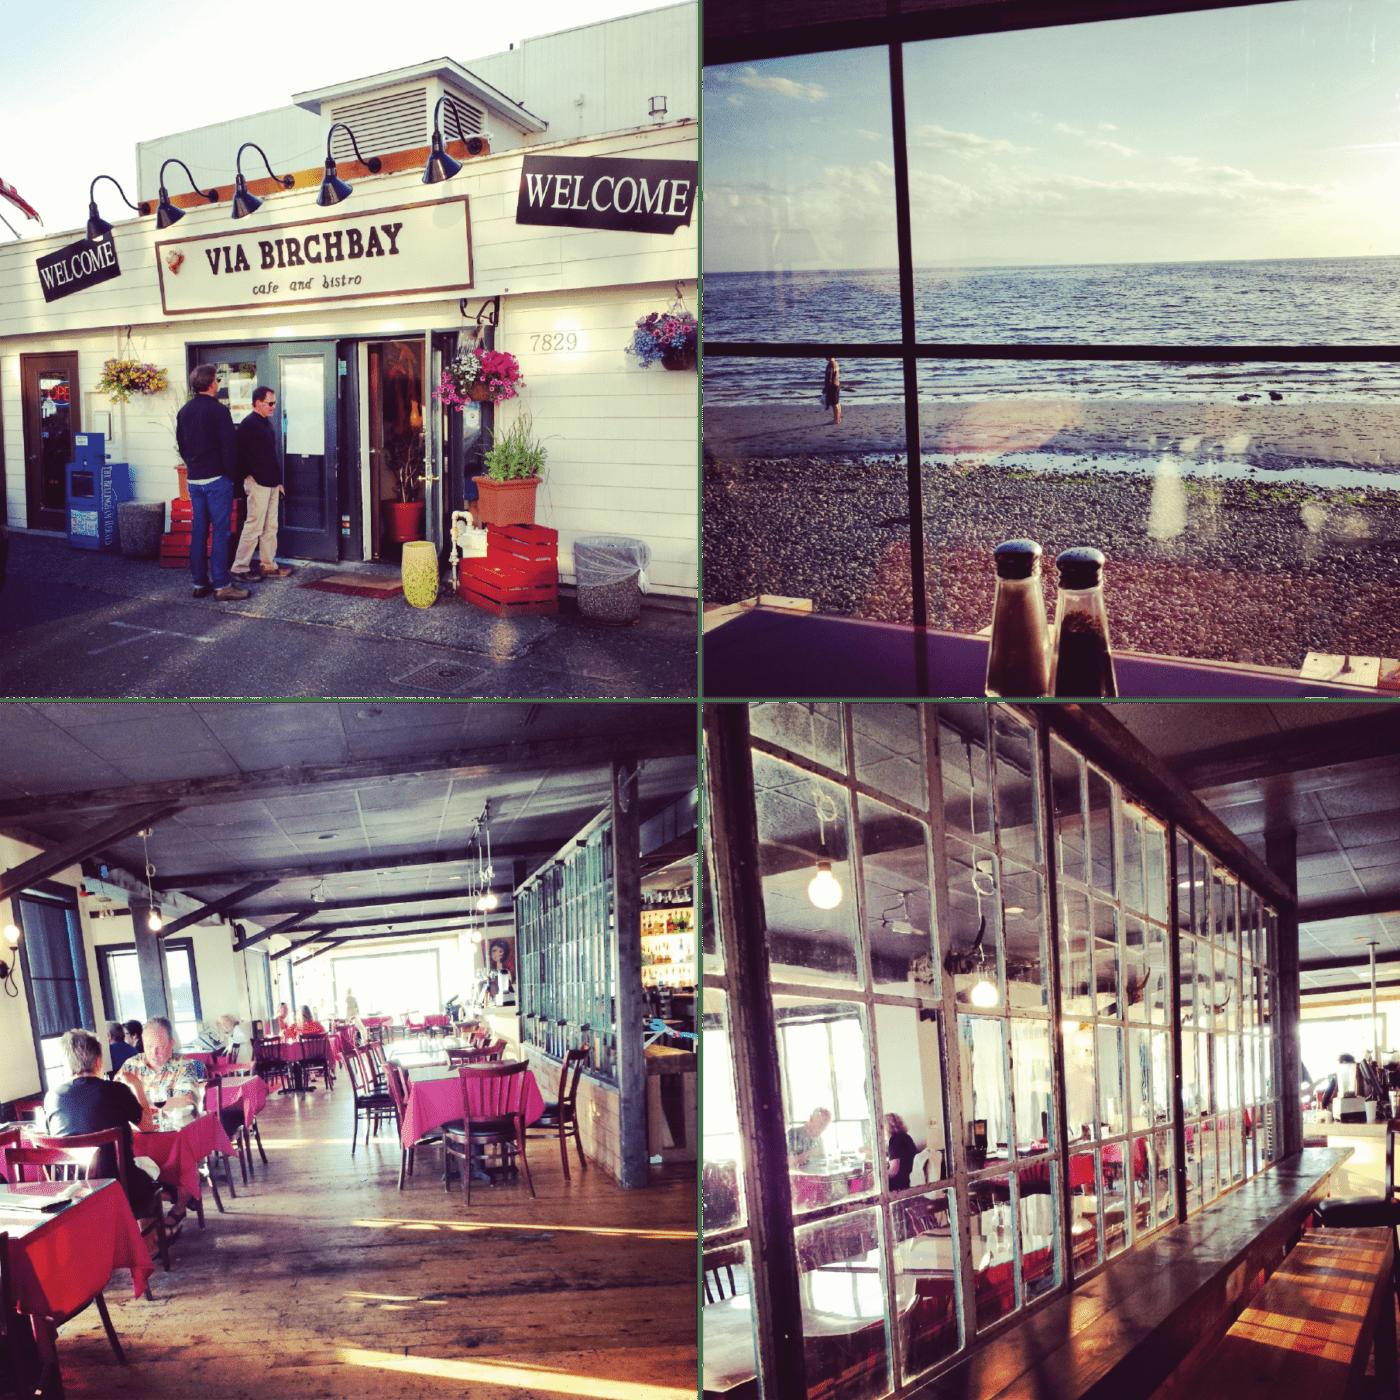 Via Birch Bay Cafe & Bistro, Birch Bay, Restaurant, Bar, Beachfront, Waterfront, Seafood, View